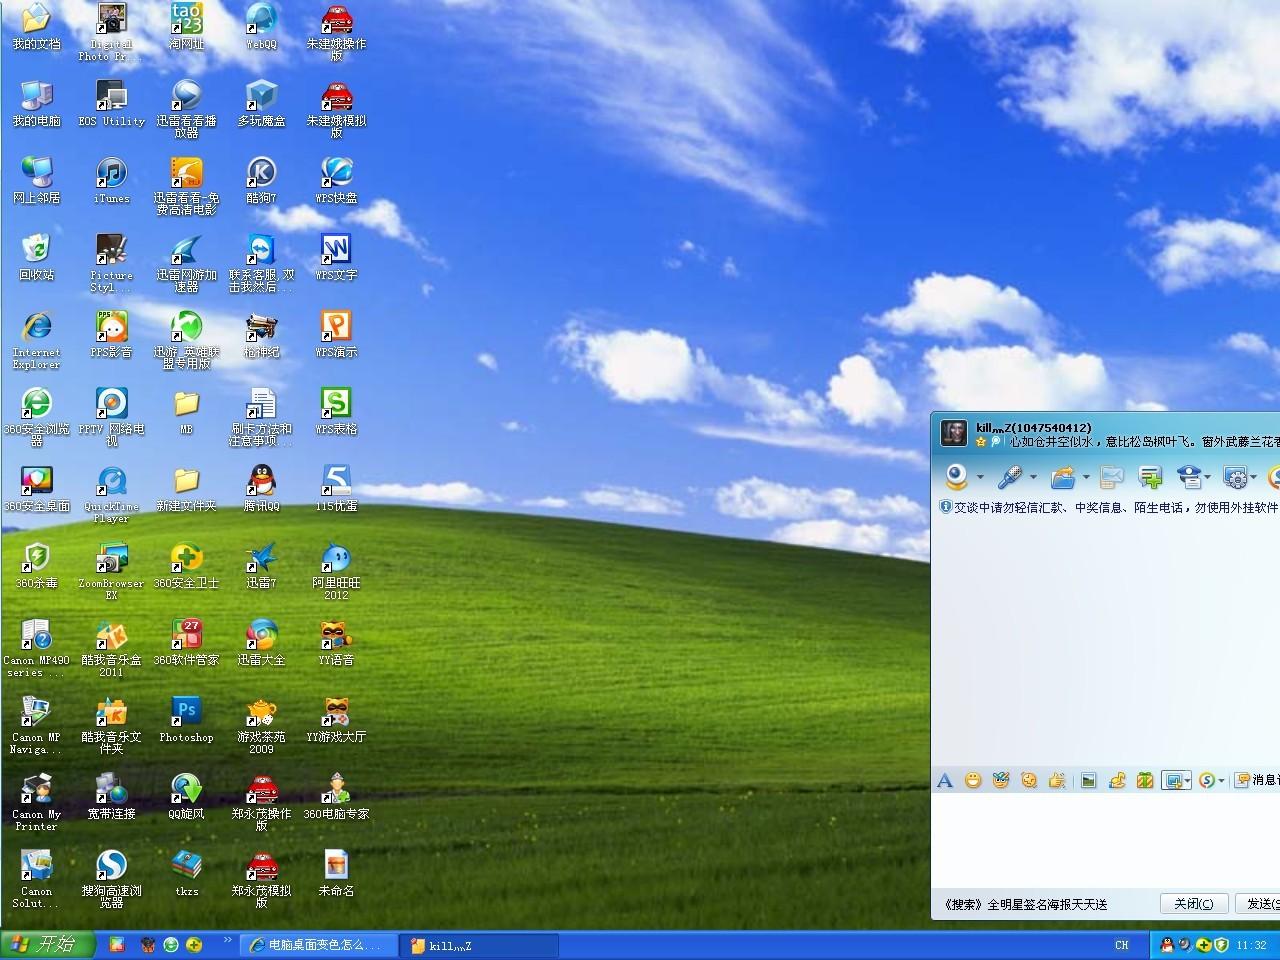 win7系统桌面上计算机图标不见了如何恢复???